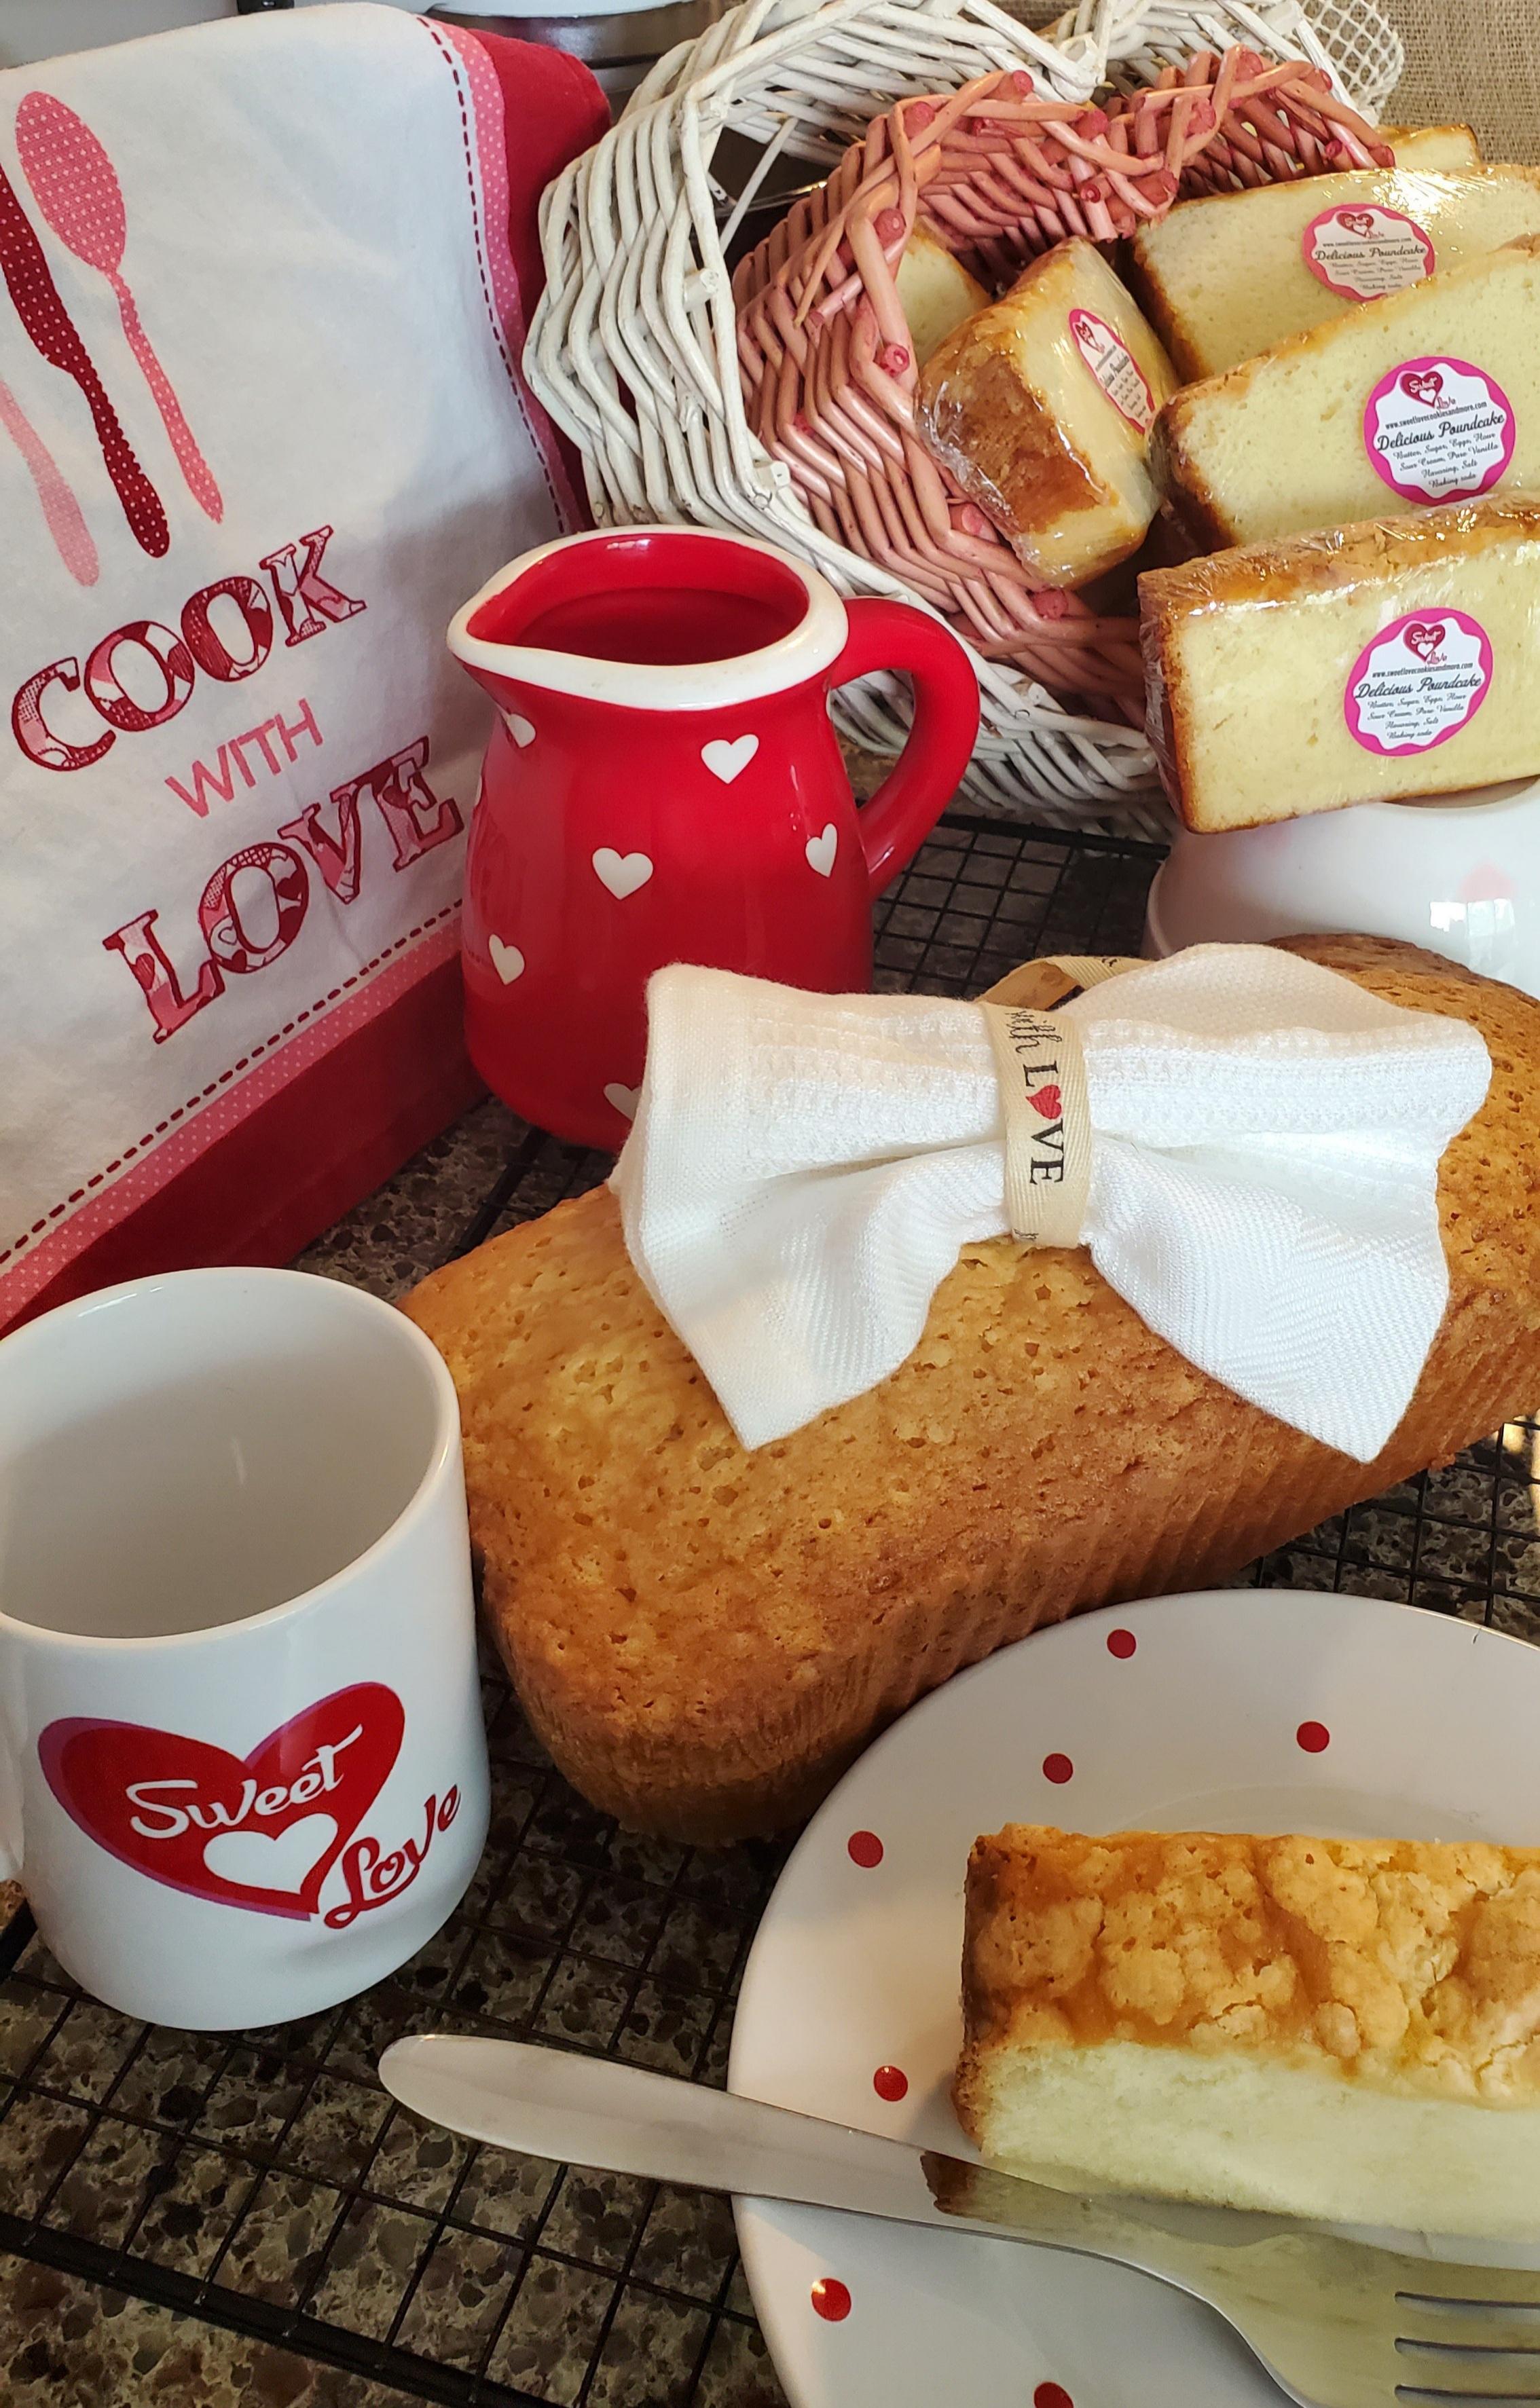 Sweet Love Poundcake and coffee mug